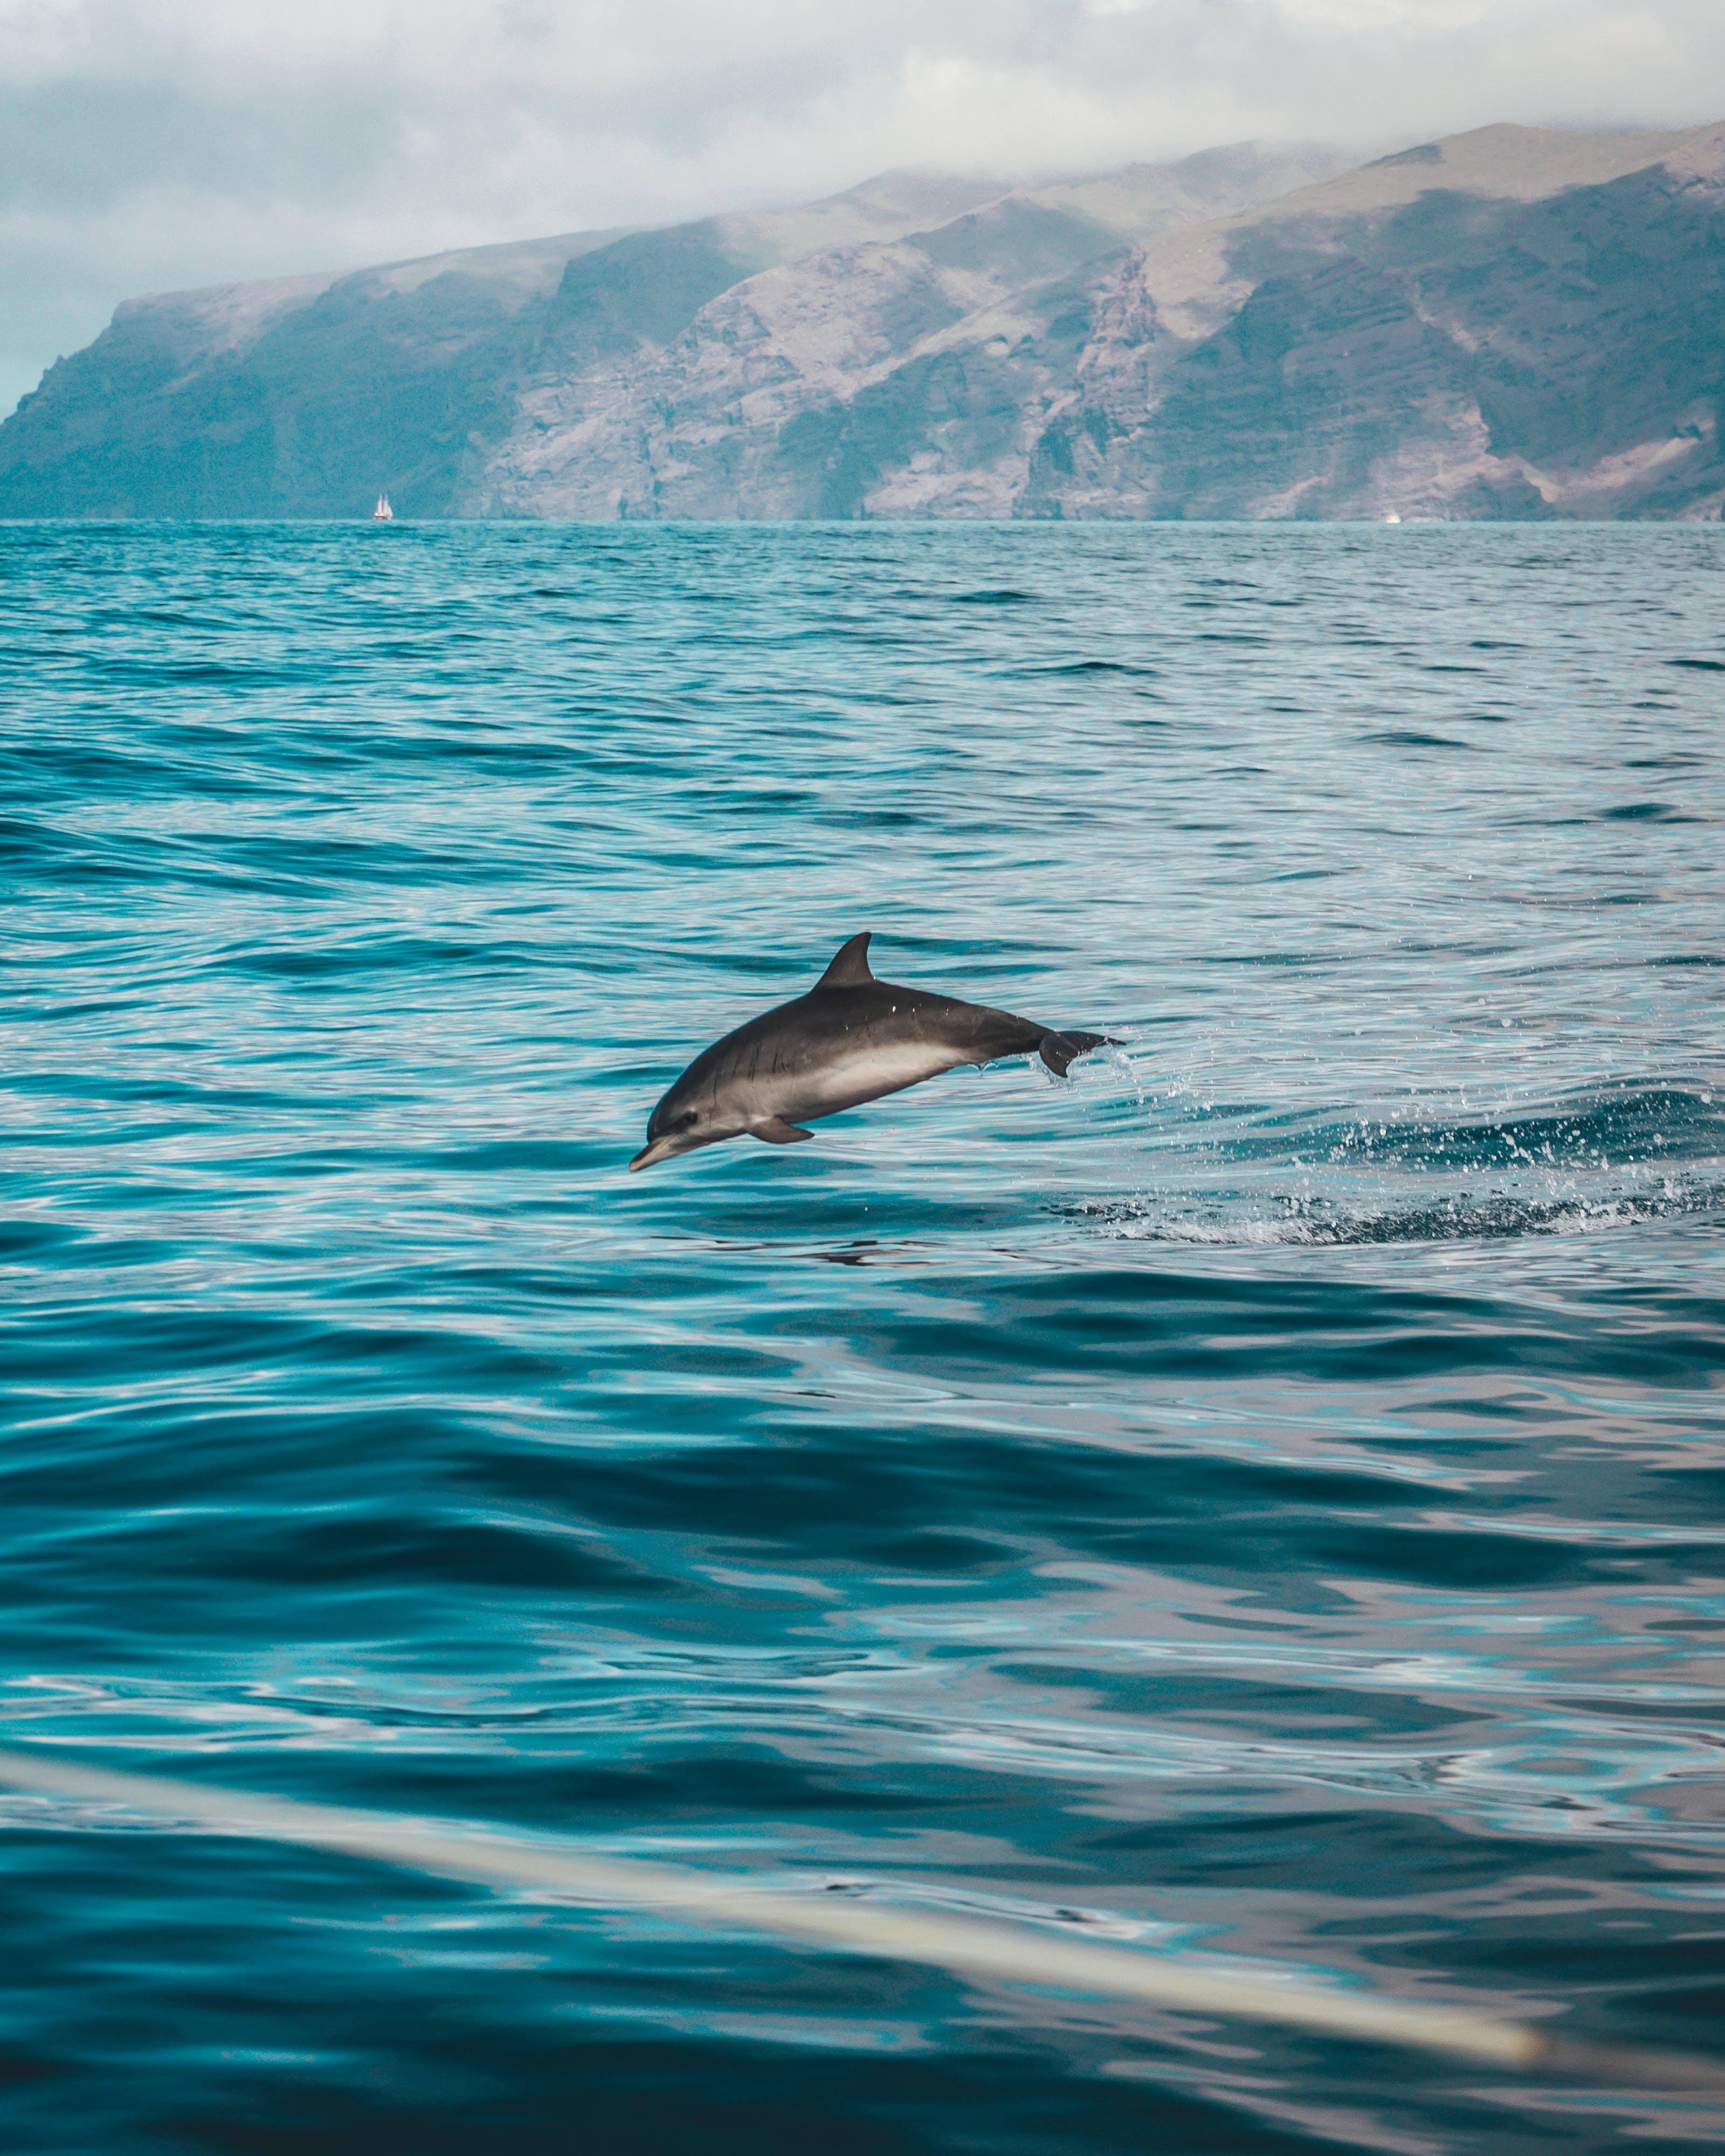 Δωρεάν στοκ φωτογραφιών με άλμα, ατλαντικός ωκεανός, βουνό, γνέφω